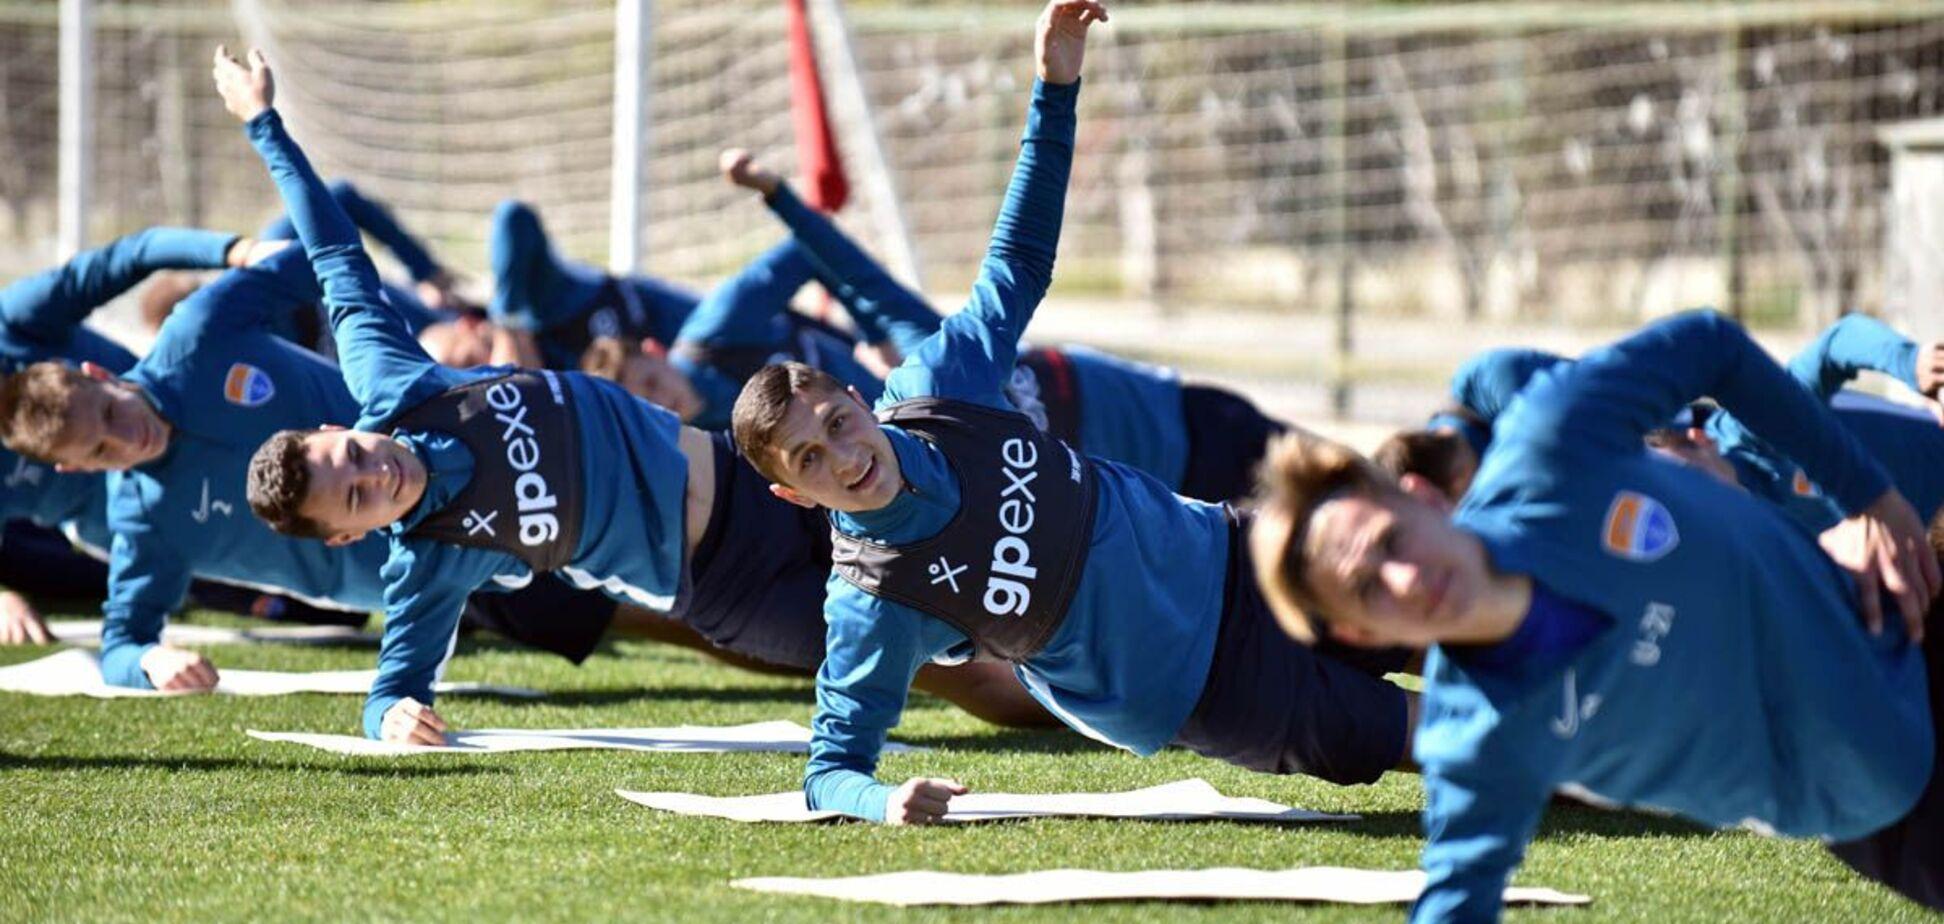 Футболісти 'Маріуполя' на зборах